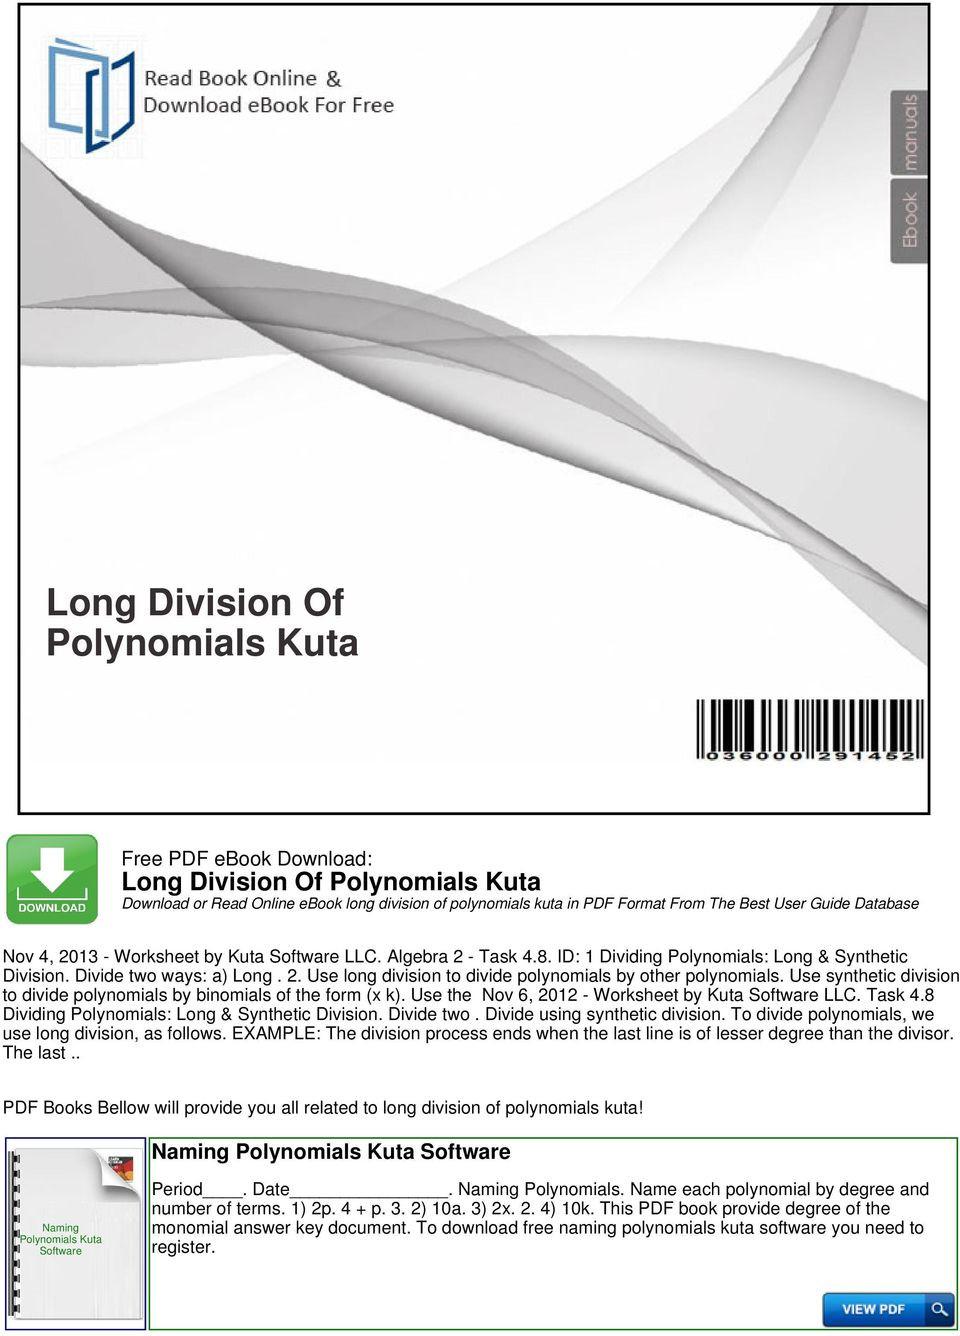 Polynomial Long Division Worksheet Long Division Polynomials Kuta Pdf Free Download